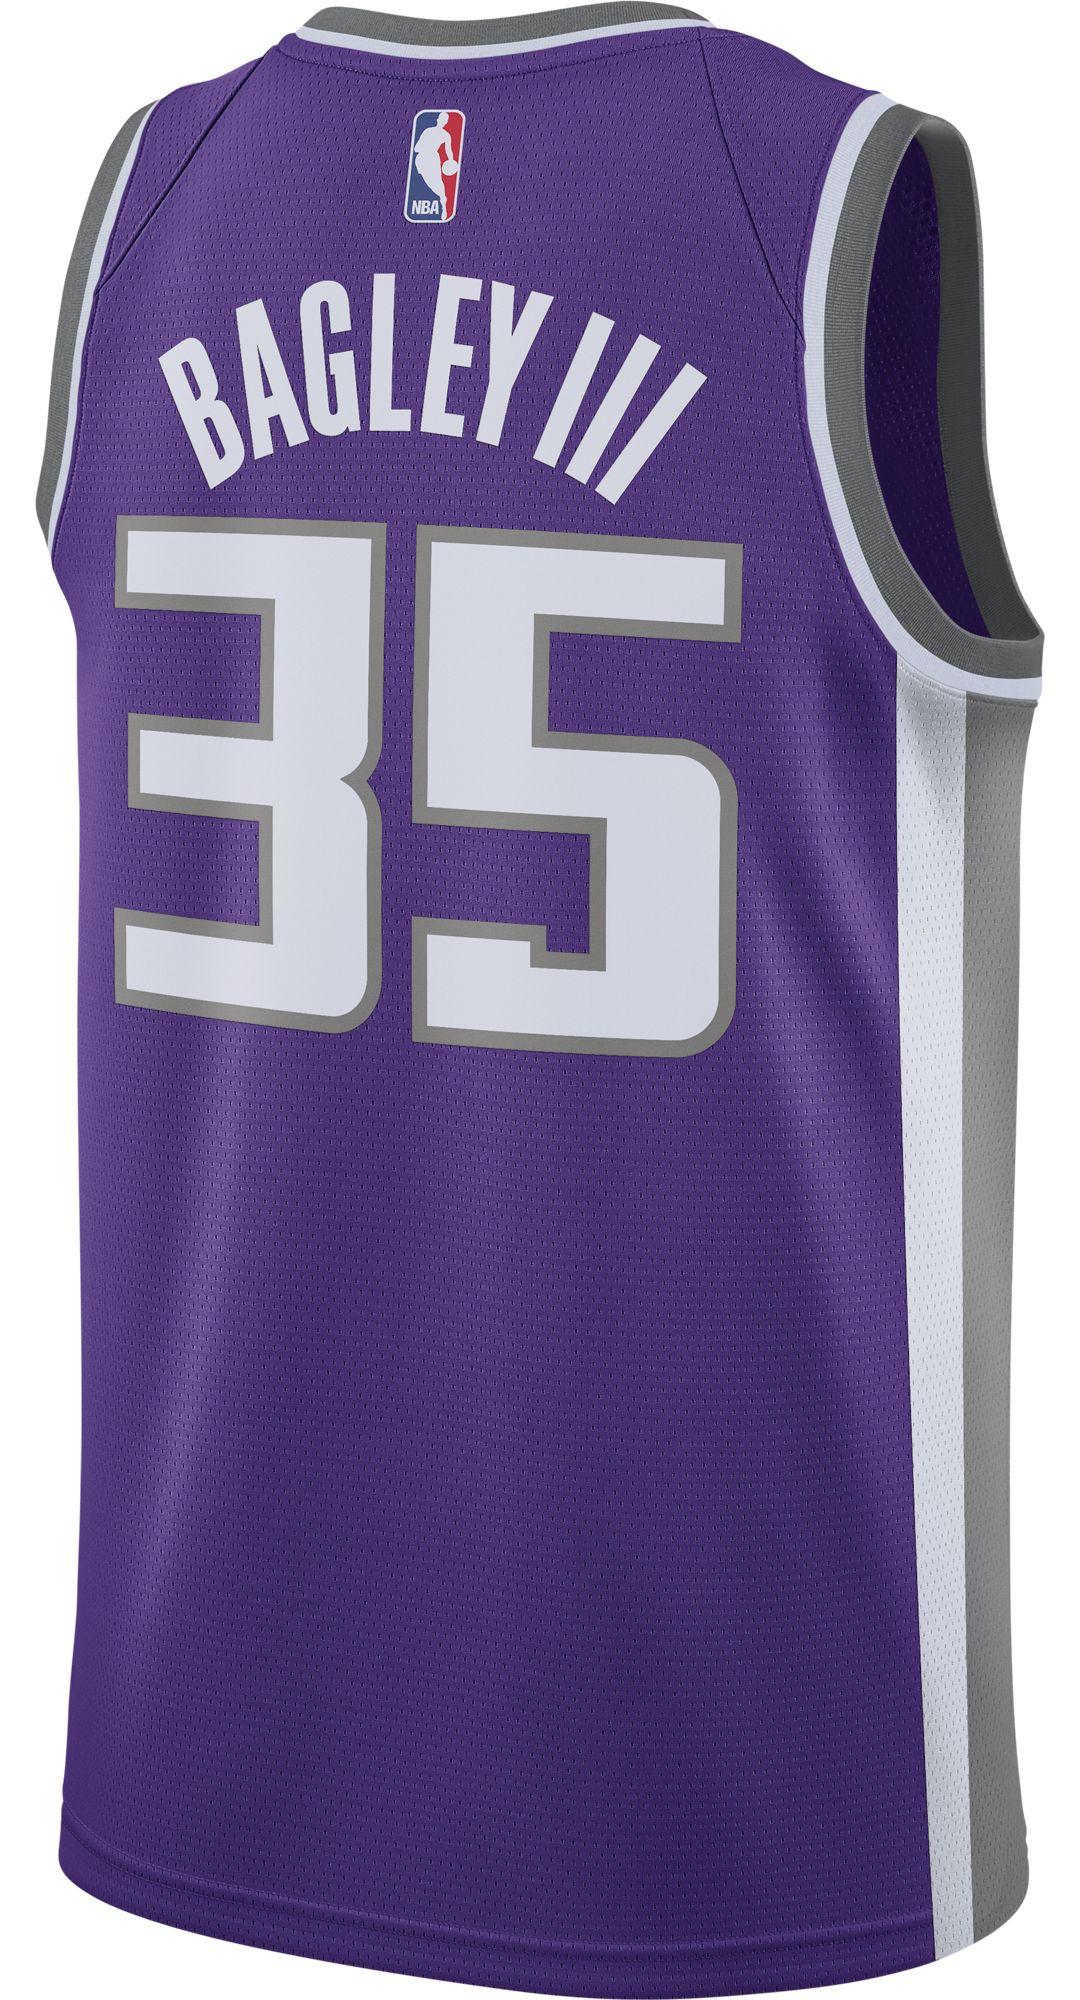 3c87489592d Nike Men's Sacramento Kings Marvin Bagley III #35 Purple Dri-FIT Swingman  Jersey 3